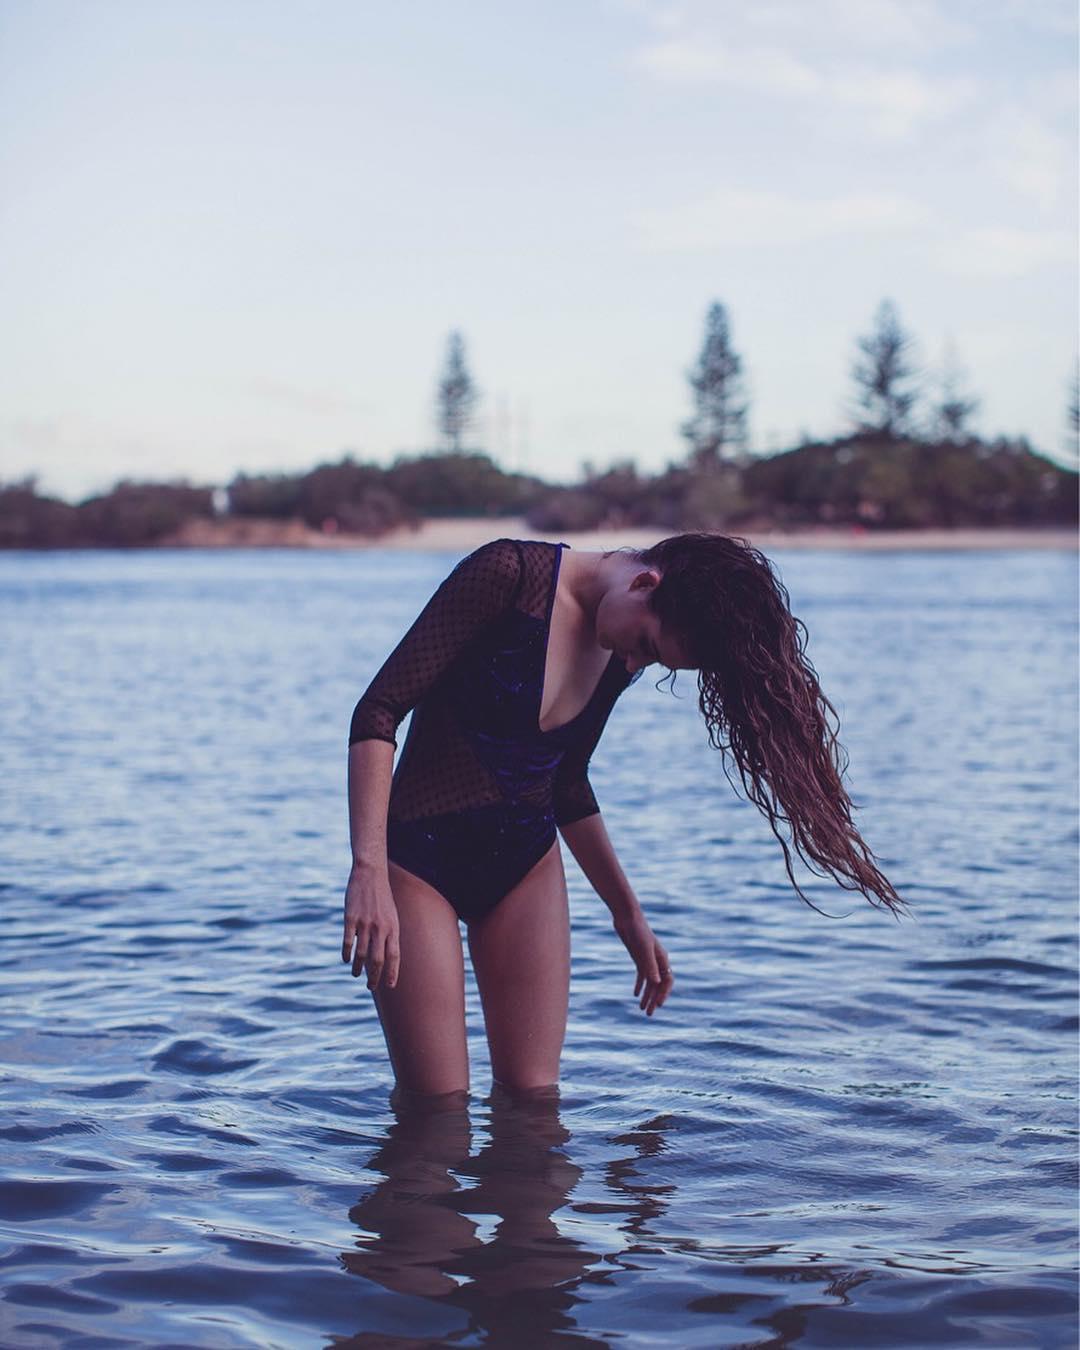 Чувственные снимки девушек от Хейли Джонс